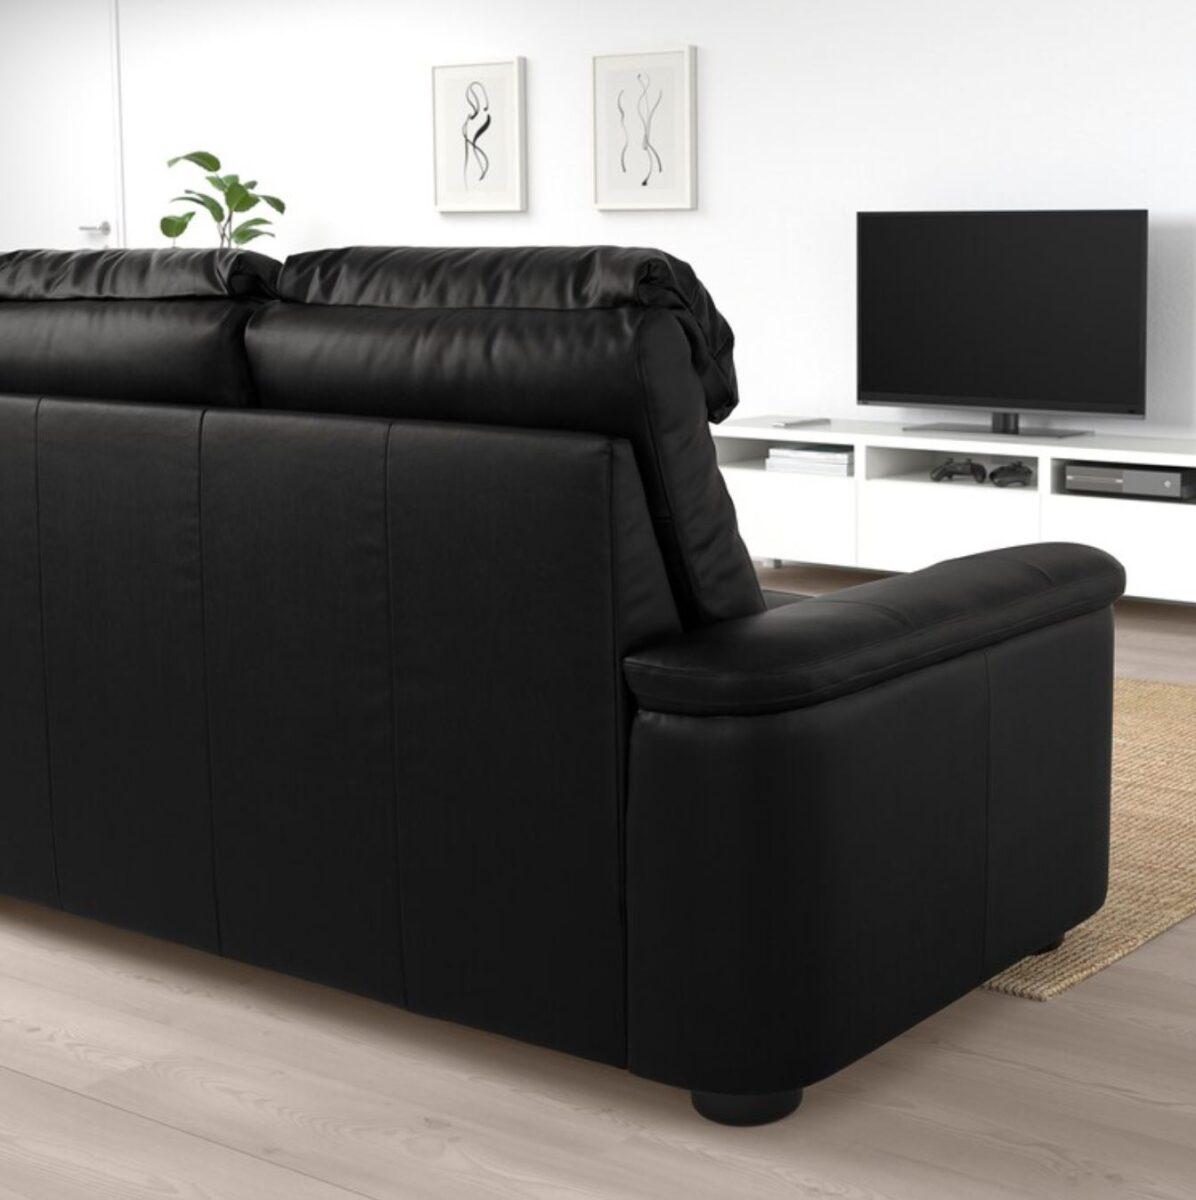 IKEA divani in pelle